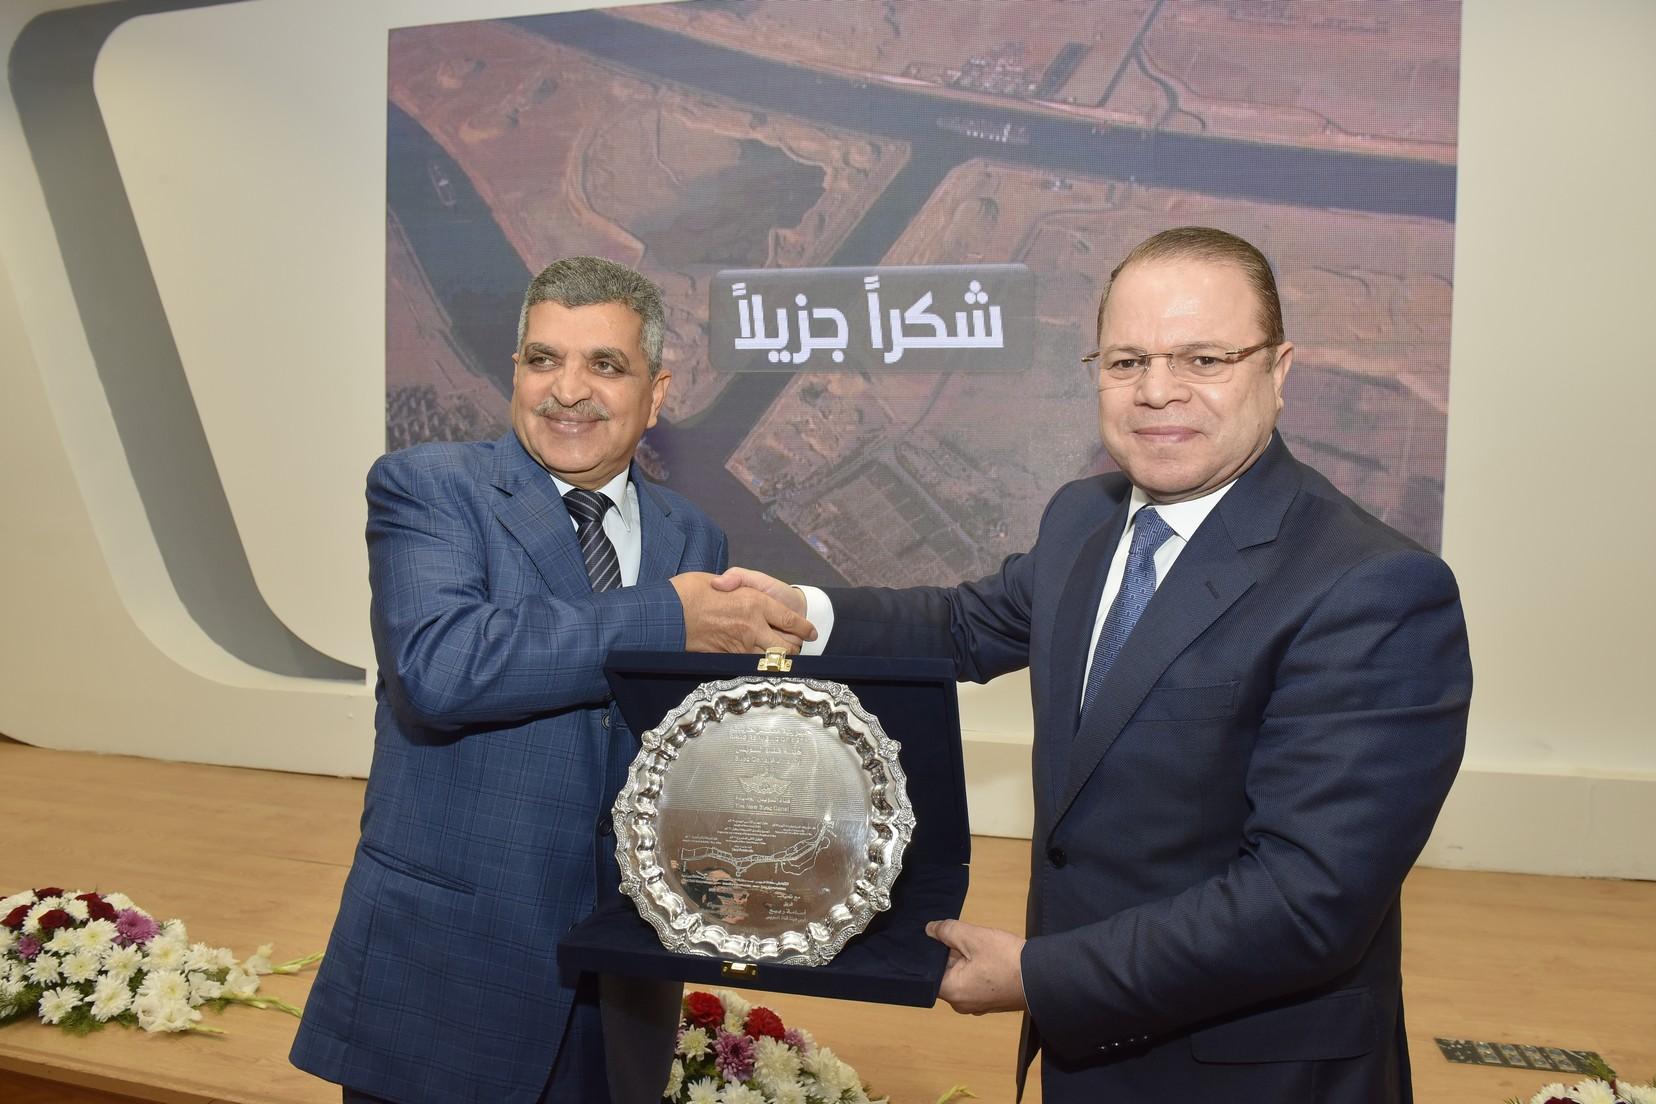 الفريق أسامة ربيع يستقبل النائب العام المصرى والسعودي (7)